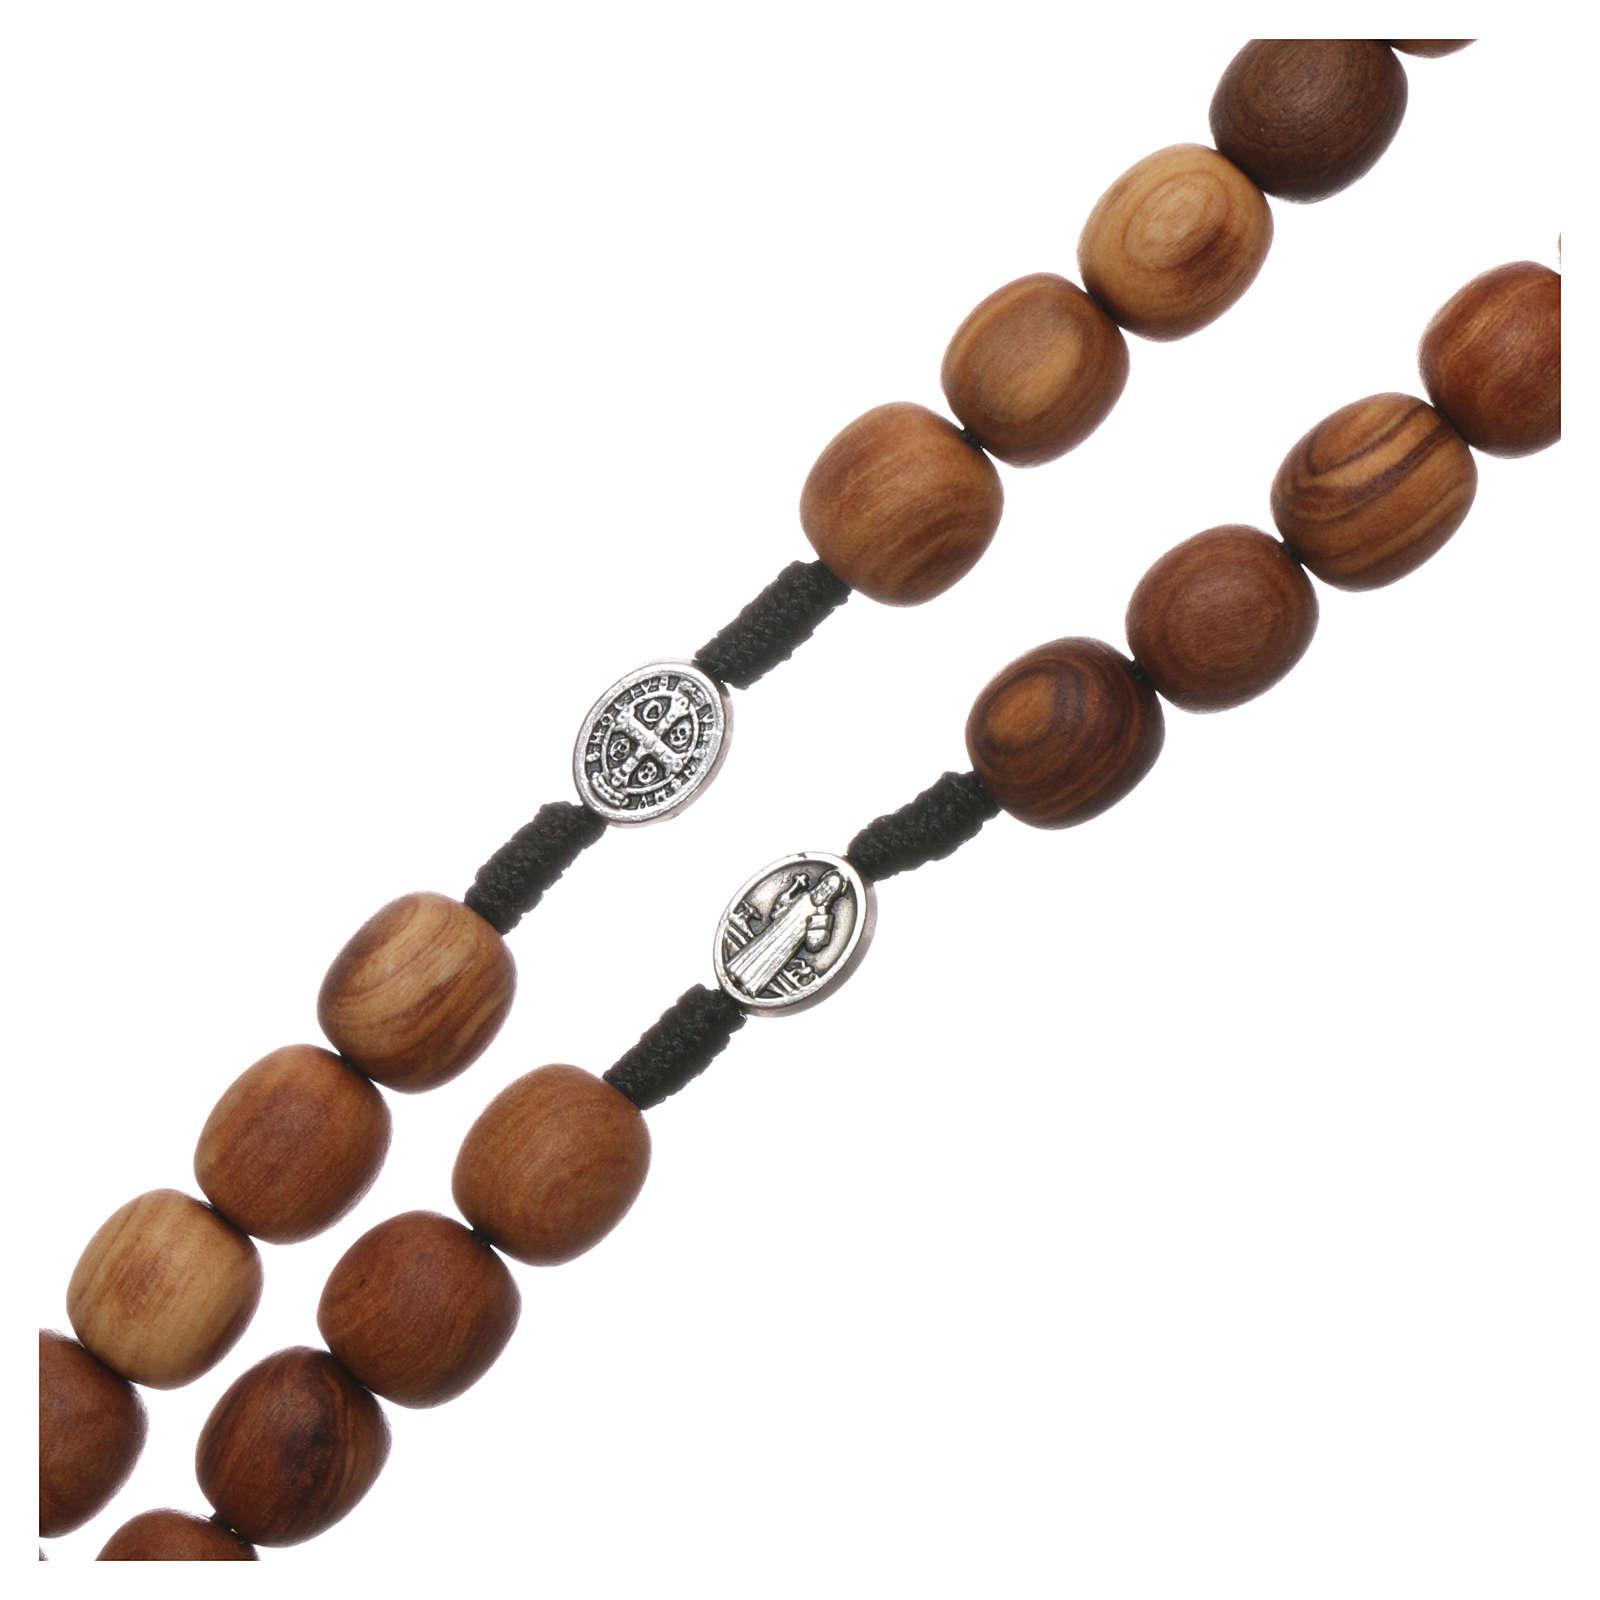 Różaniec drewno oliwne Medjugorje krzyż metal 5x3 4